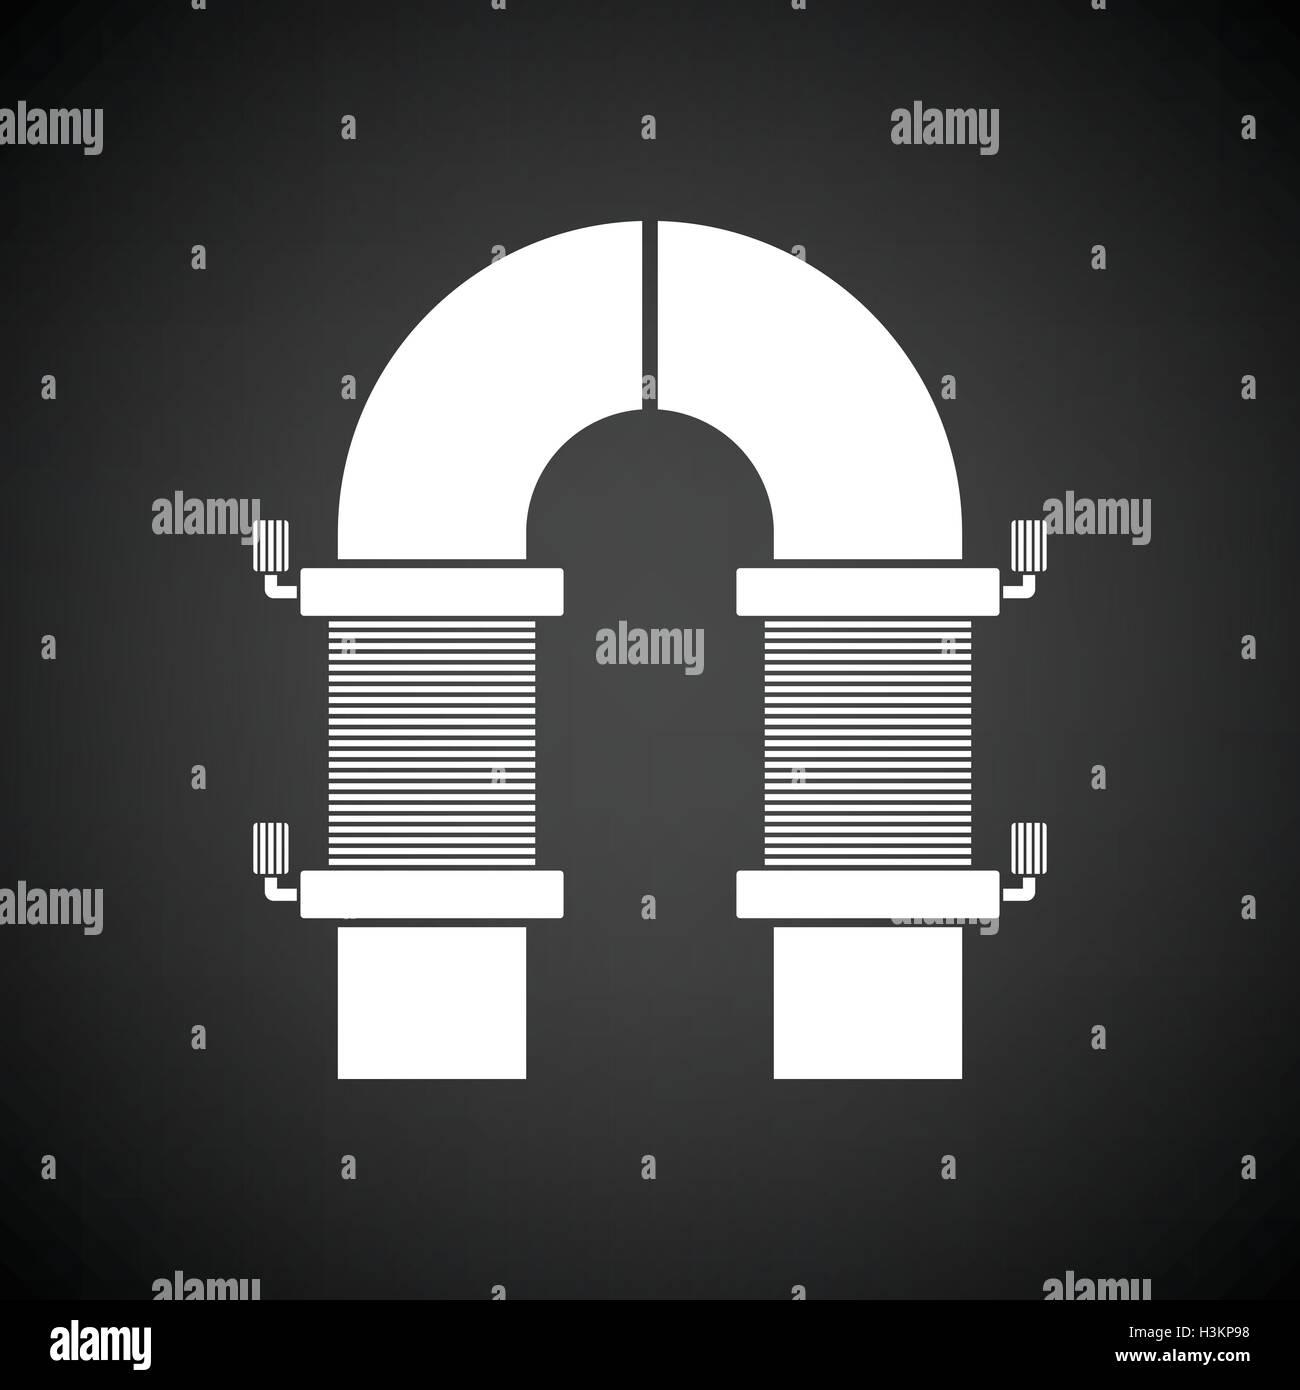 Fein Elektromagnet Symbol Bilder - Der Schaltplan - traveltopus.info